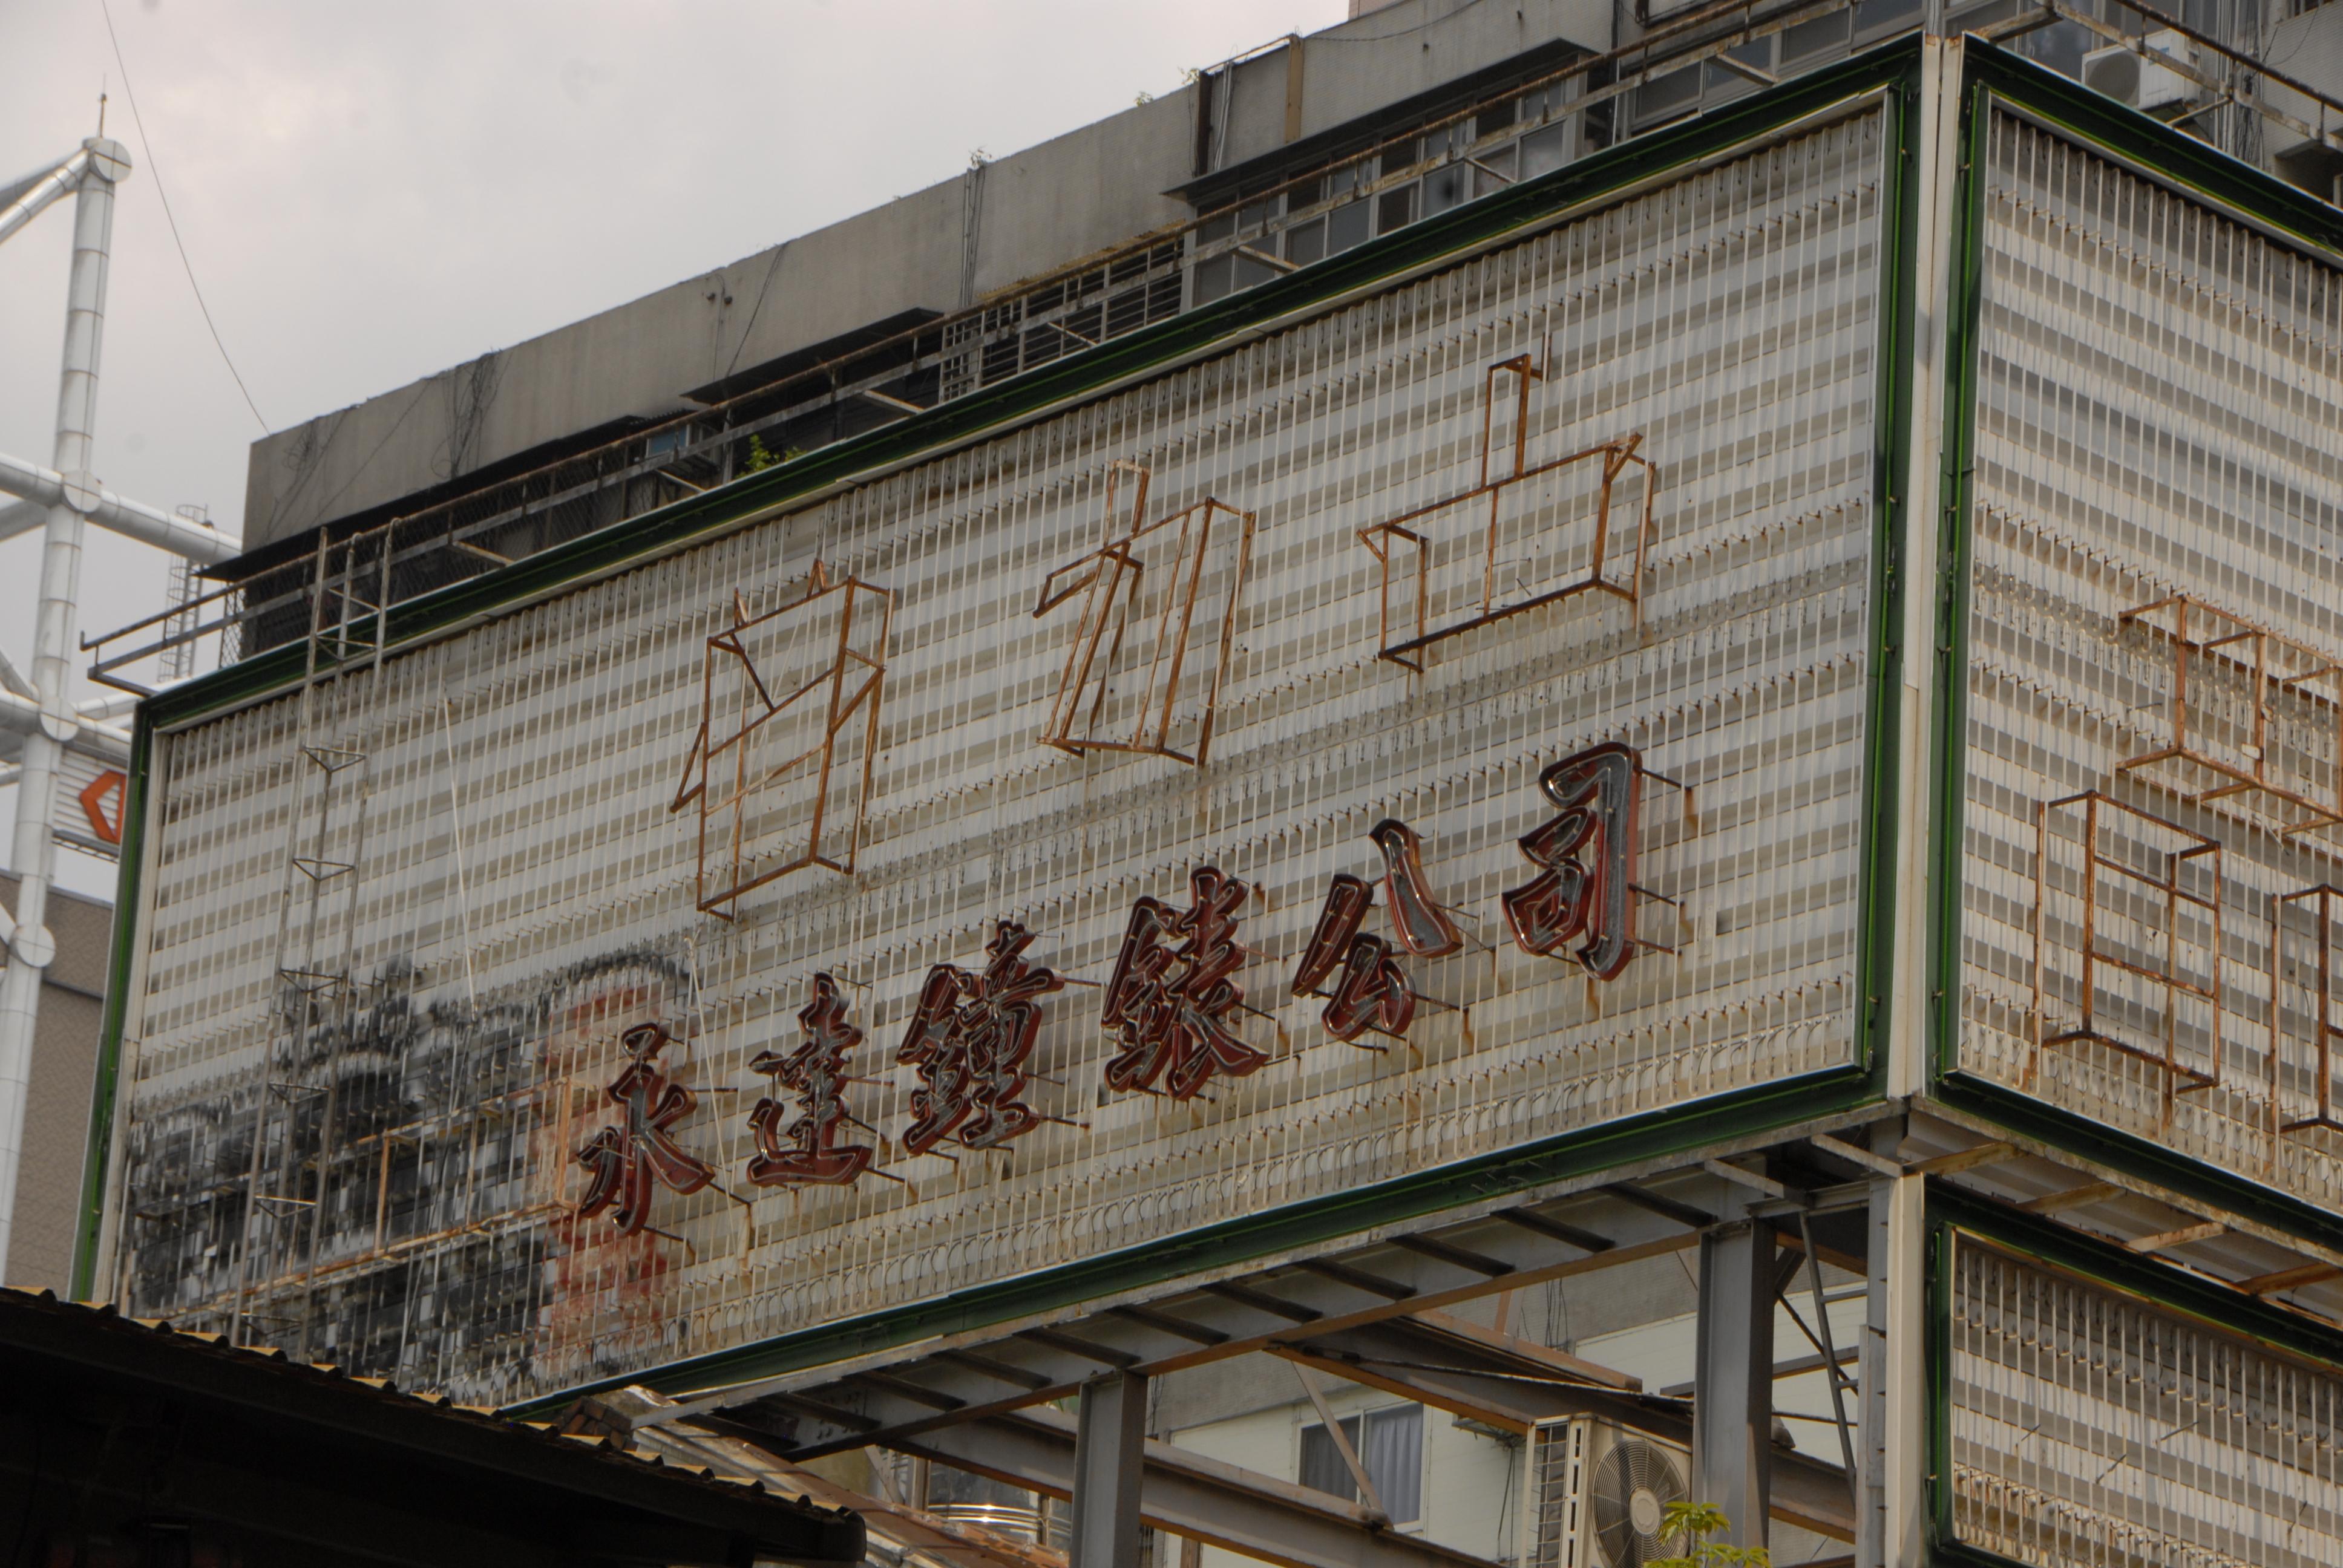 燈箱的外衣褪下,反而顯露出中文字型裡最重要的骨幹──筆畫。@鄭州路